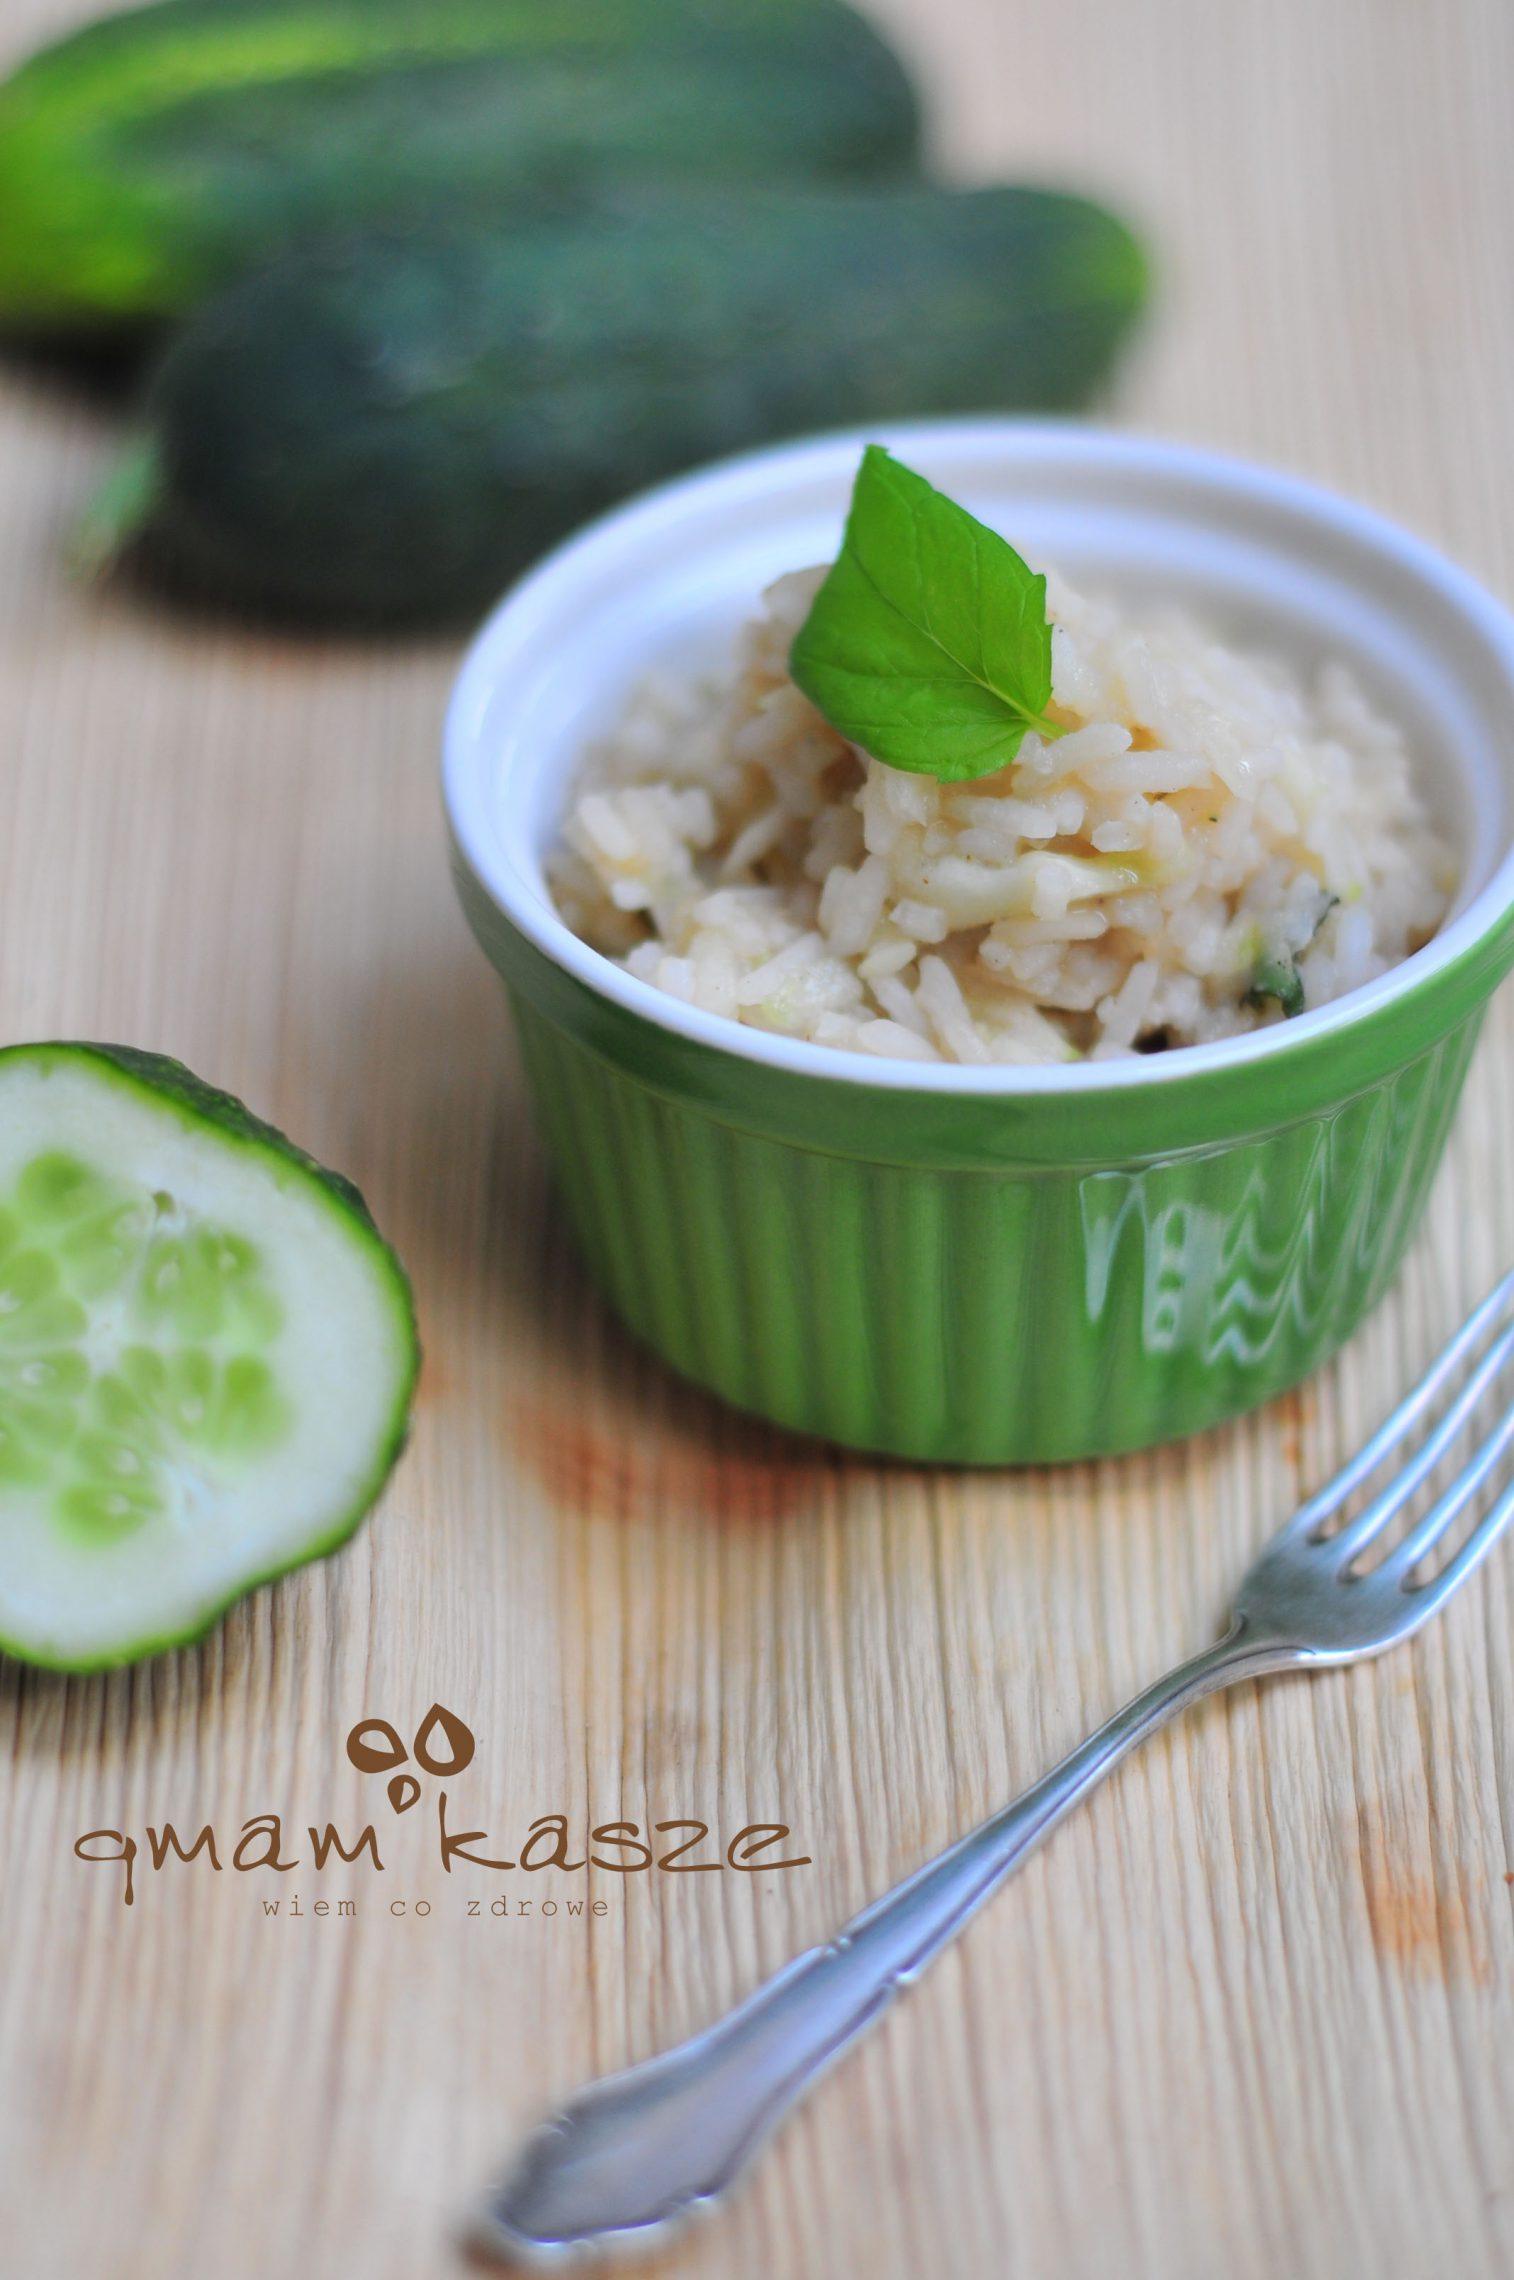 Sobczak i ogórkowy ryż